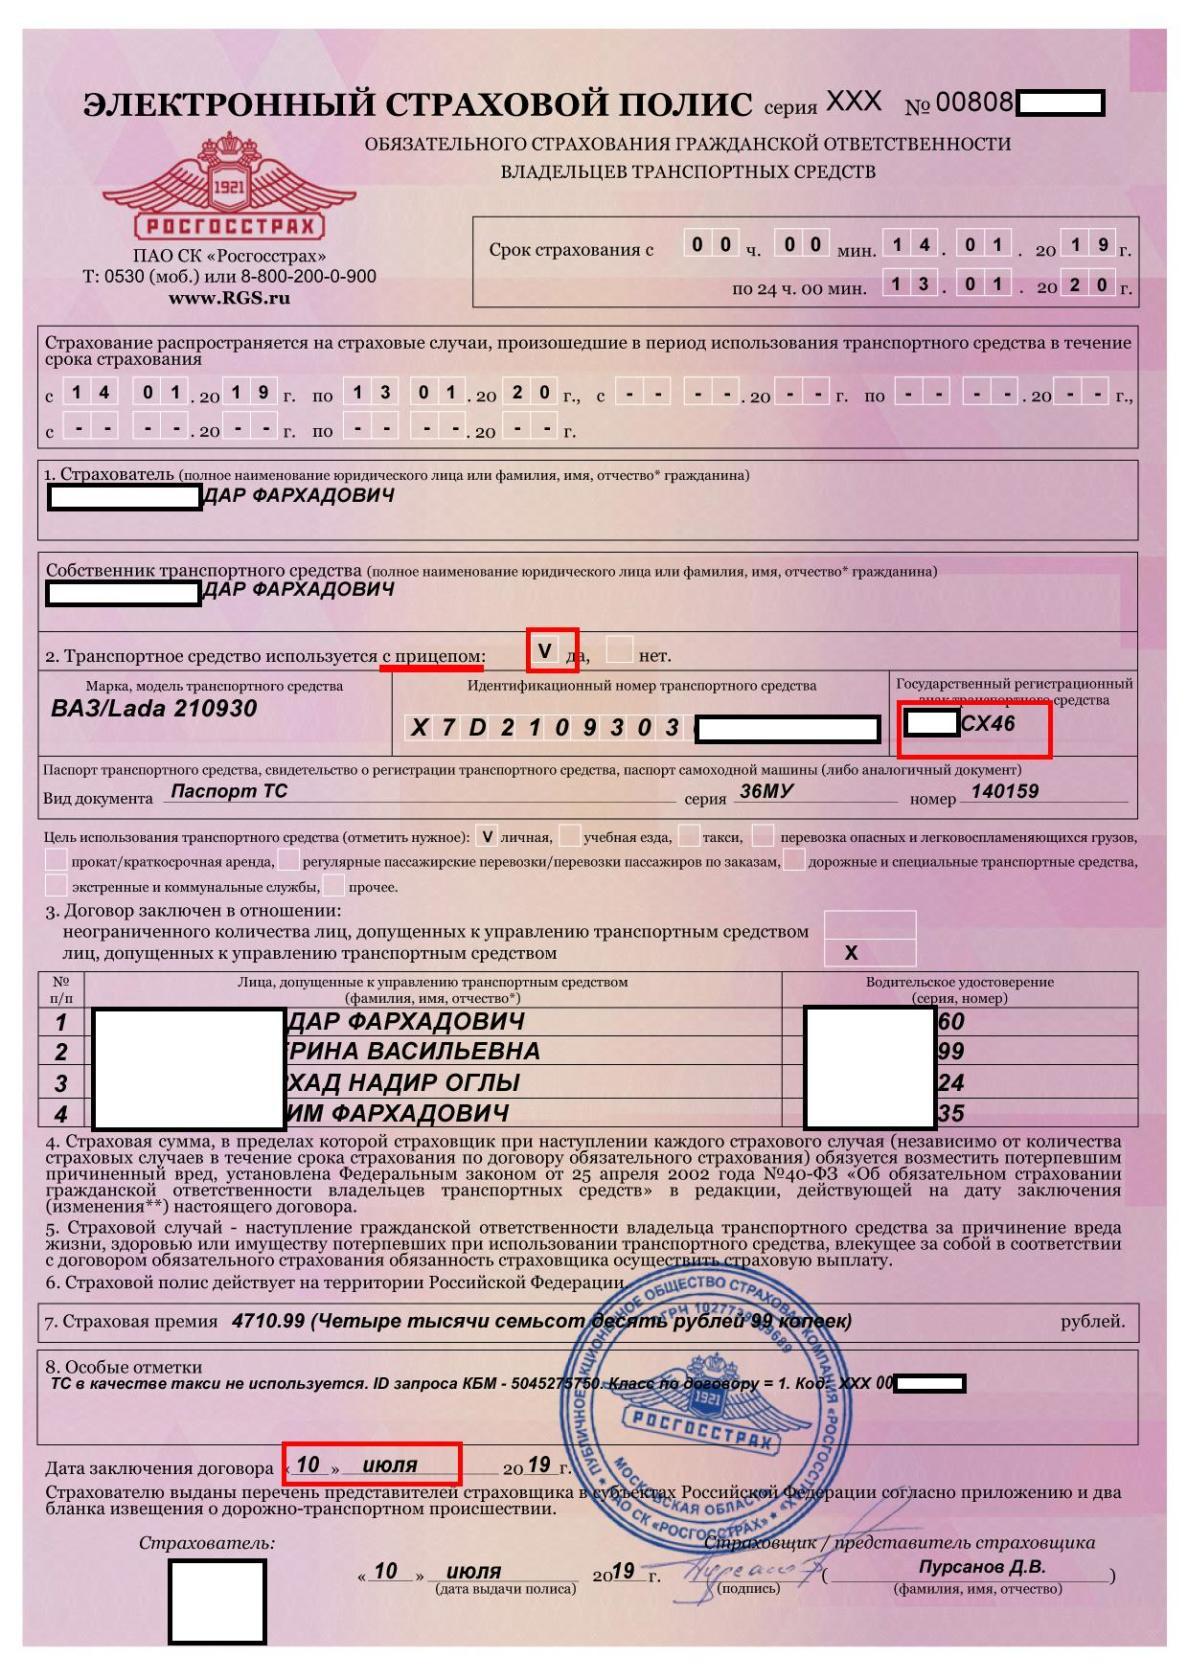 http://kursk2009.ucoz.ru/prava/rosgosstrakh_2.jpg